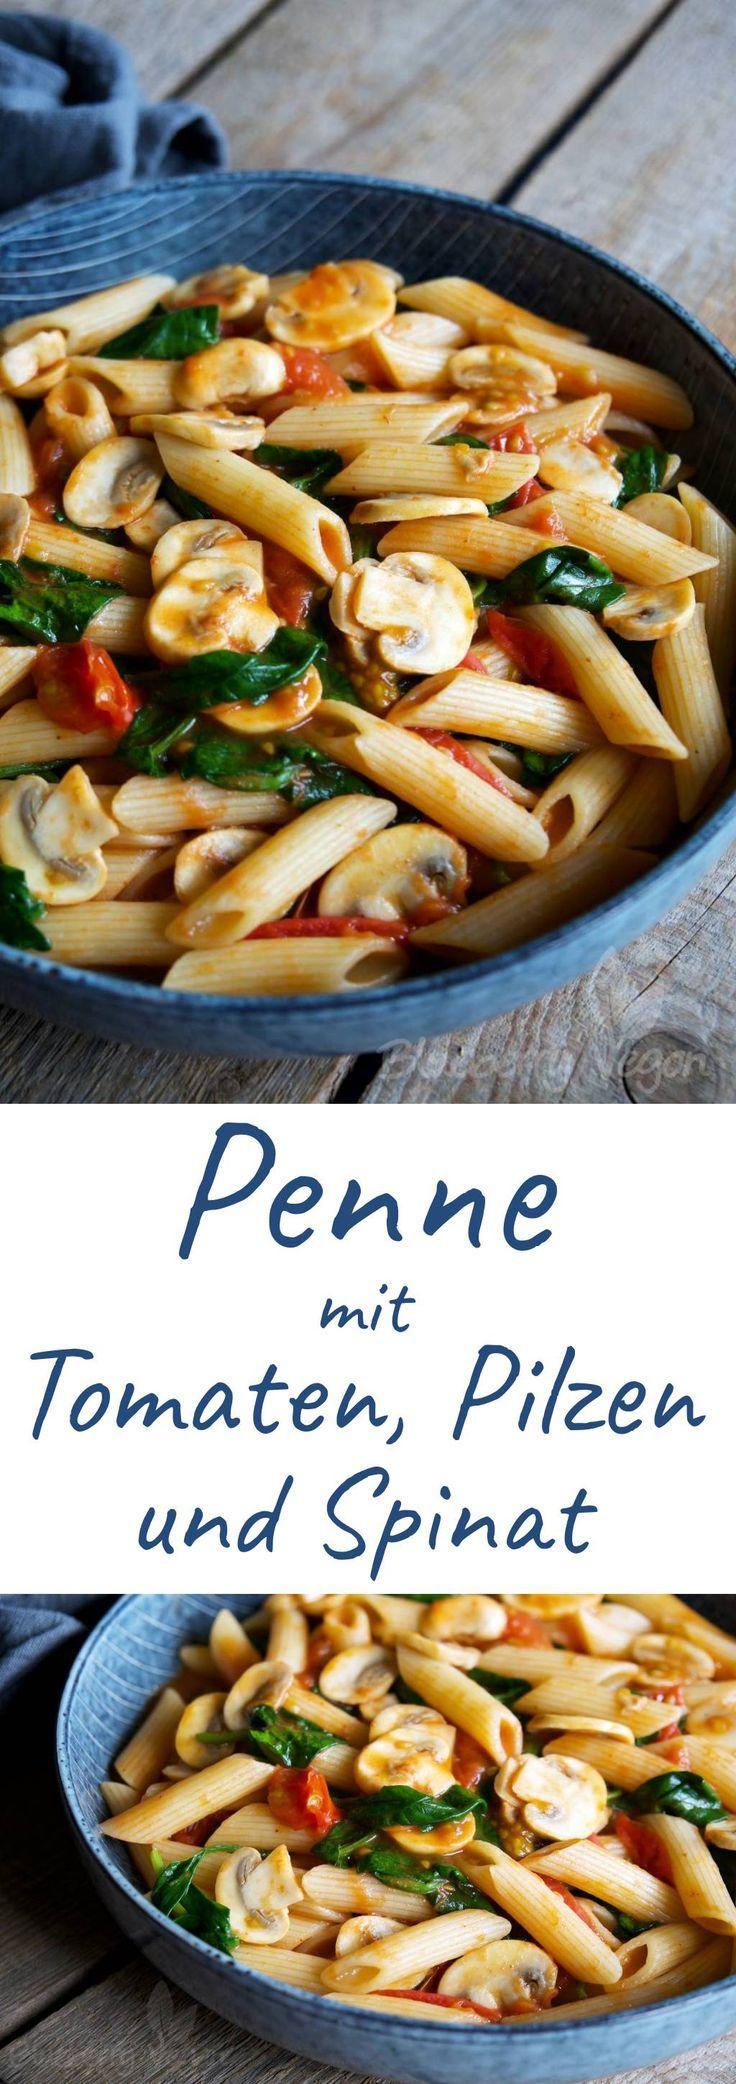 Schnelle Pasta mit Tomaten, Pilzen und Spinat #chickenalfredo